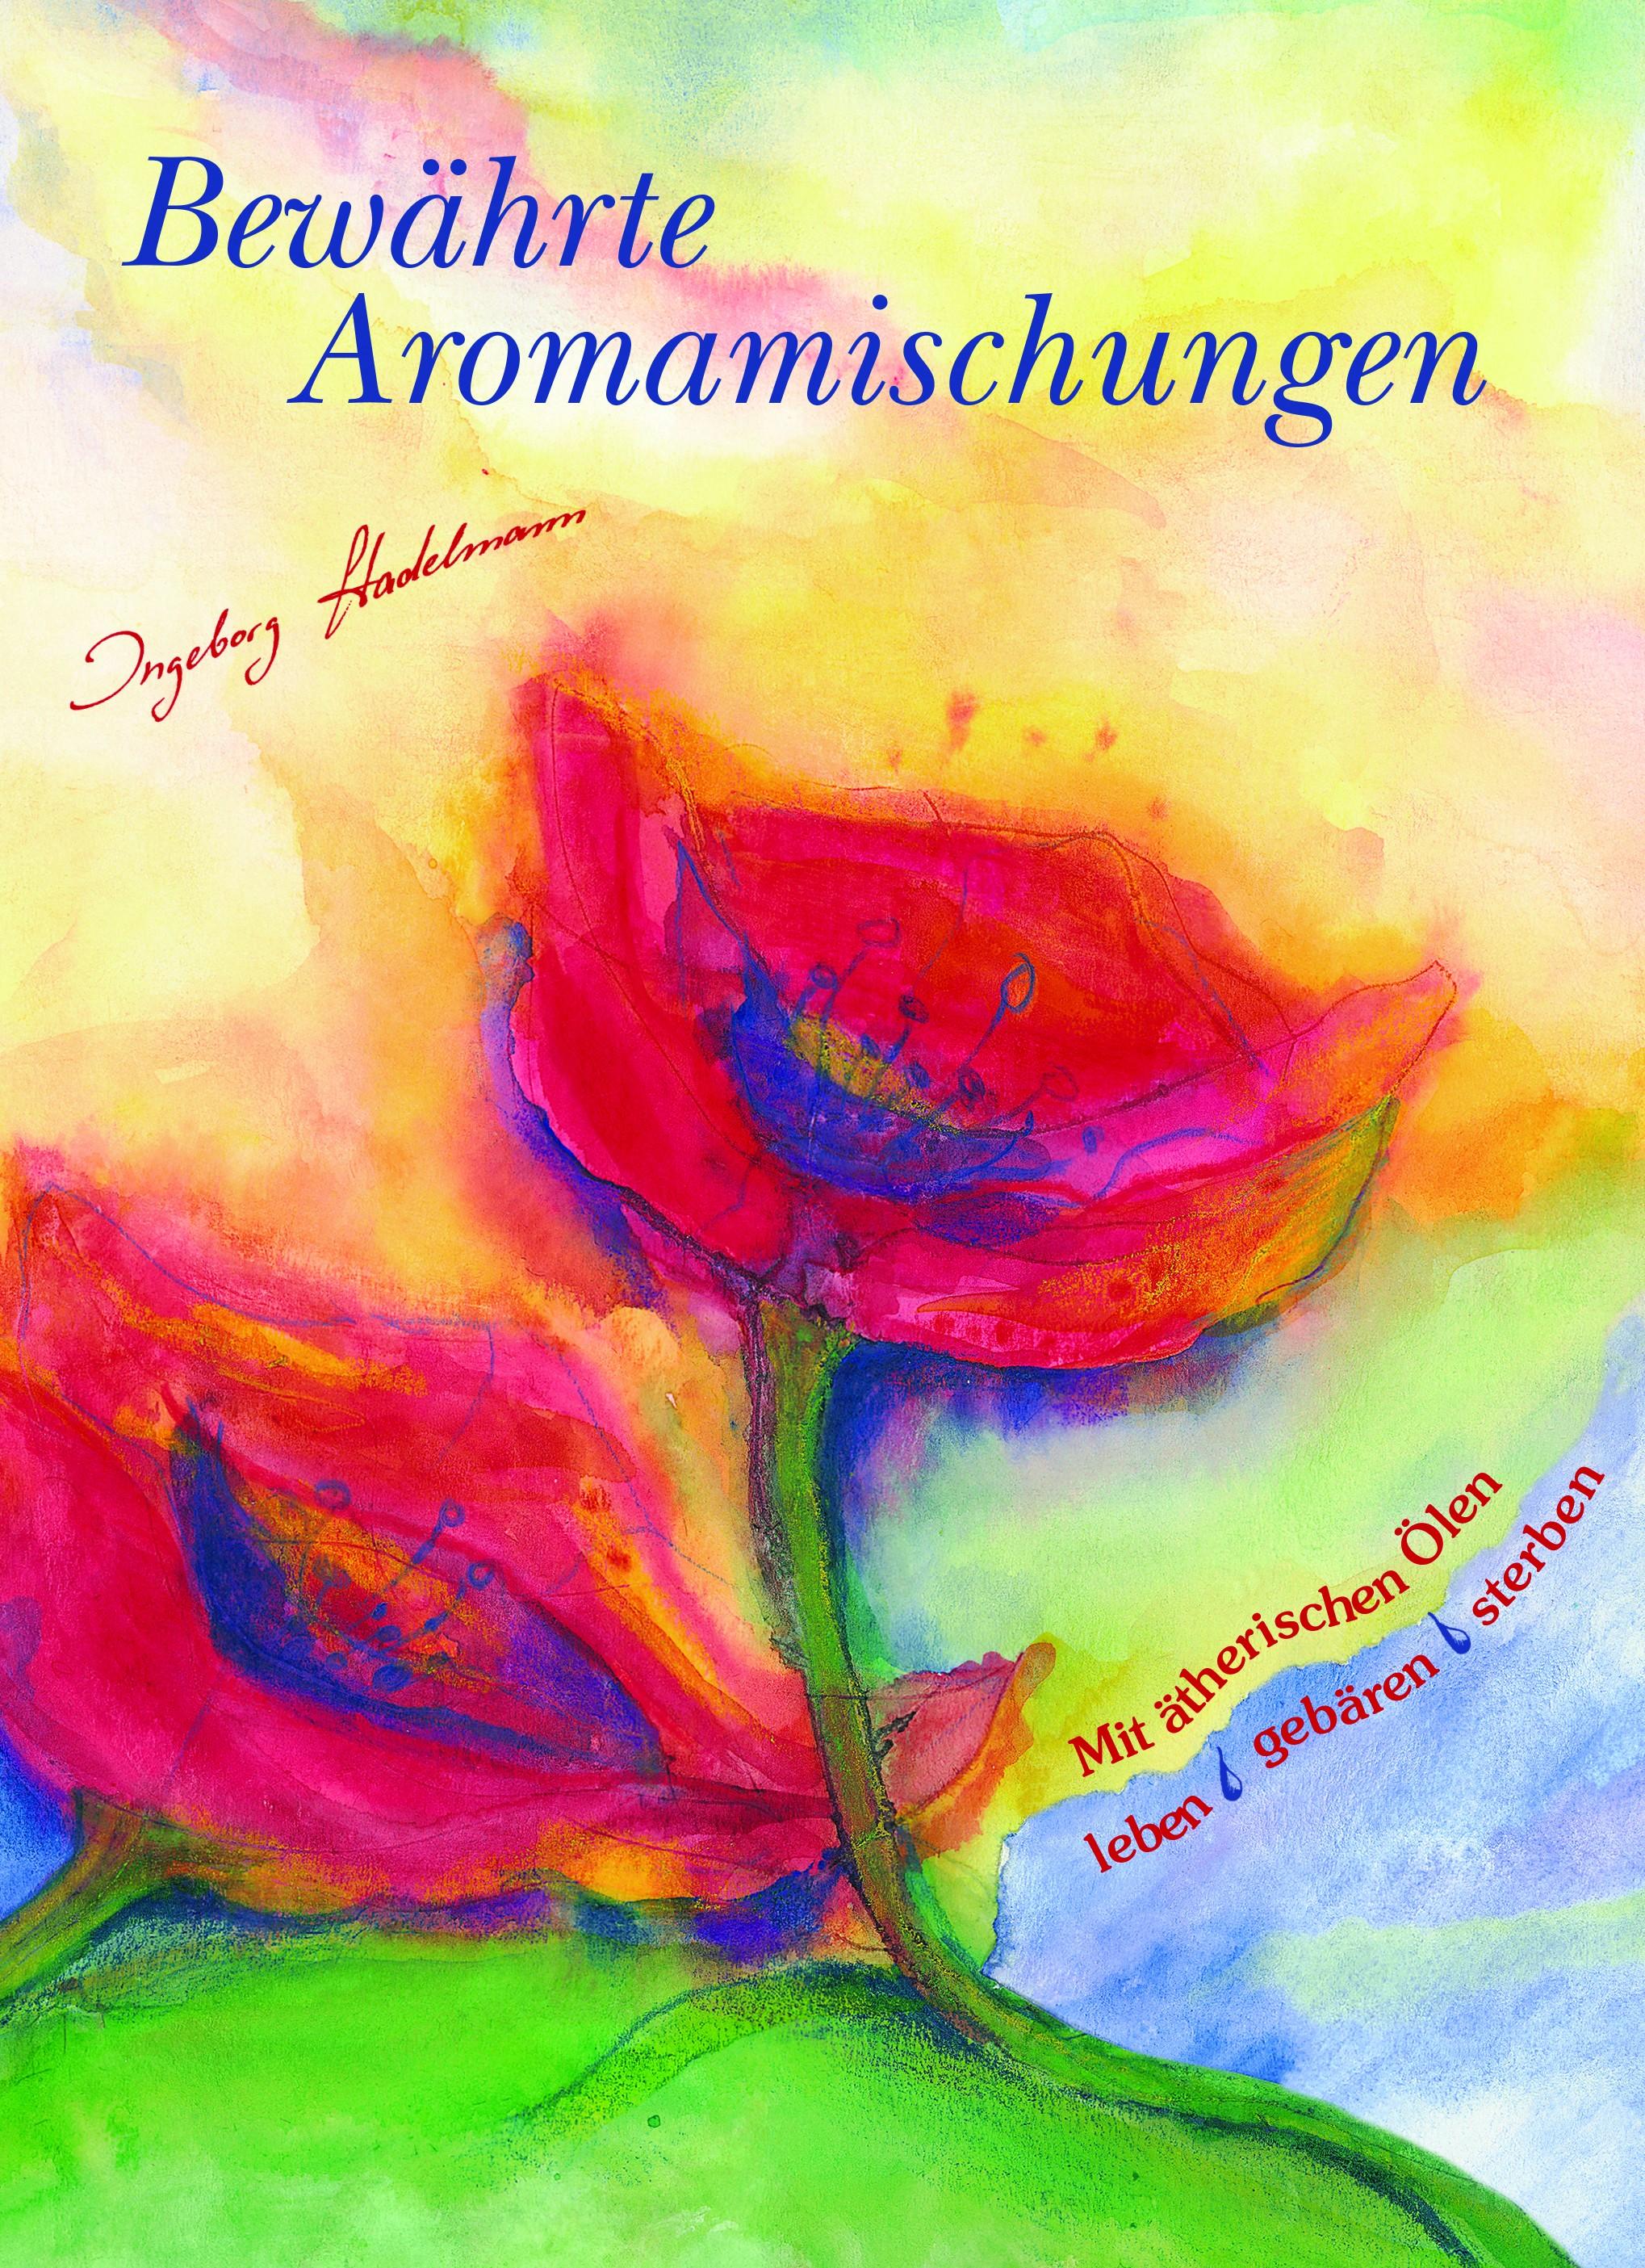 Bewährte Aromamischungen Ingeborg Stadelmann